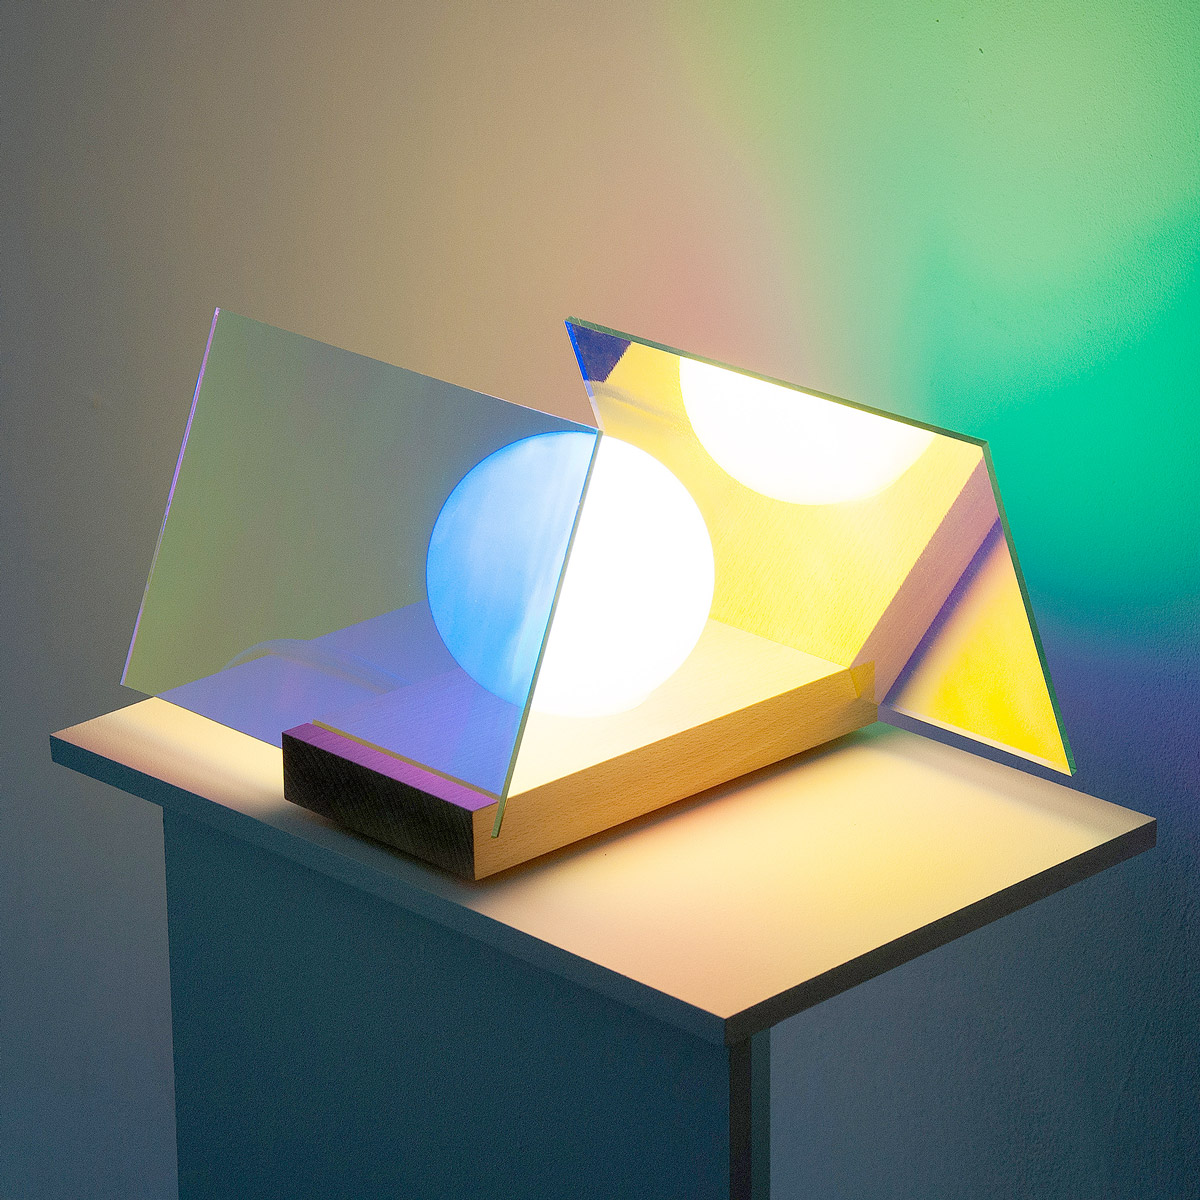 le prototype AO a été réalisé pour l'exposition OBJET LUMIÈRE. Il révèle l'intérieur d'un film dichroïc comme une lueur colorée. La réflexion optique de la lumière sur le film produit une couleur rouge ou dorée suivant le point de vue. Lorsque la lumière passe à travers, d'autres couleurs apparaissent. Sur un mur, elles se mélangent, couleurs réfractées et reflétées.Curated by Atelier BL119. 6 Dec. 2013 - 14 Feb. 2014 / OBJET LUMIÈRE at Galerie Tator in Lyon, France. L'exposition Objet Lumière est une réflexion-action menée en collaboration avec le designer Ferréol Babin.